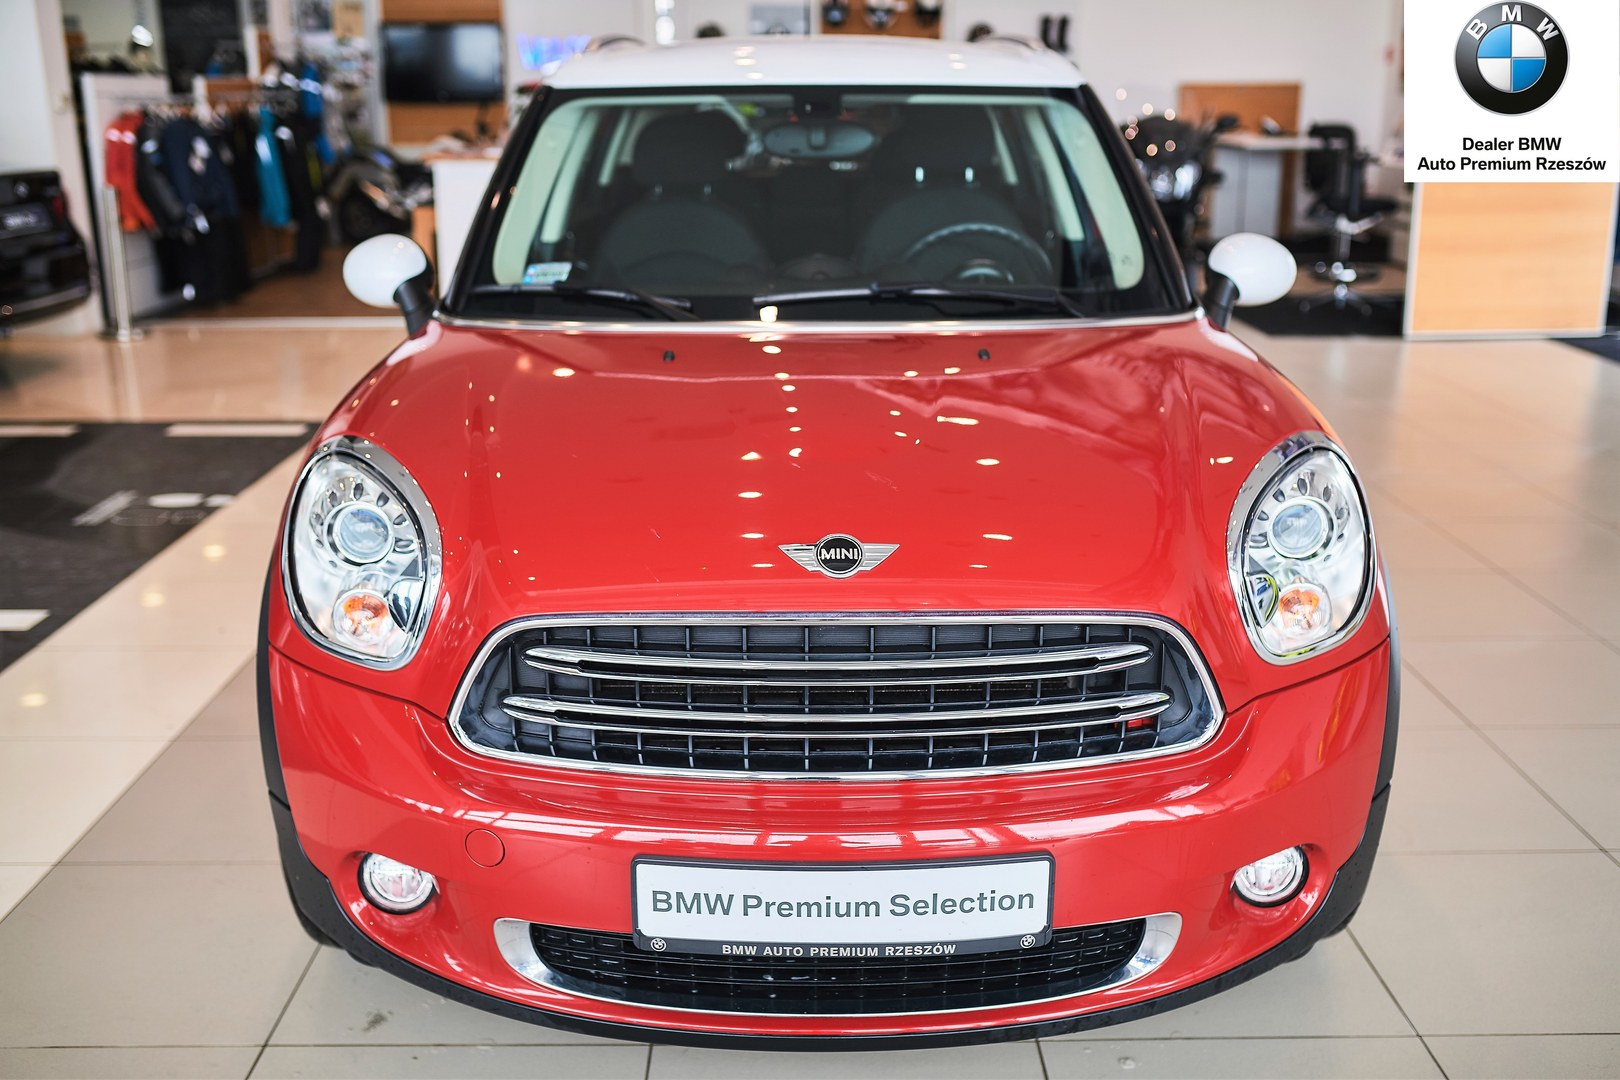 Mini Countryman Czerwony Autoryzowany Serwis Bmw Auto Premium świlcza